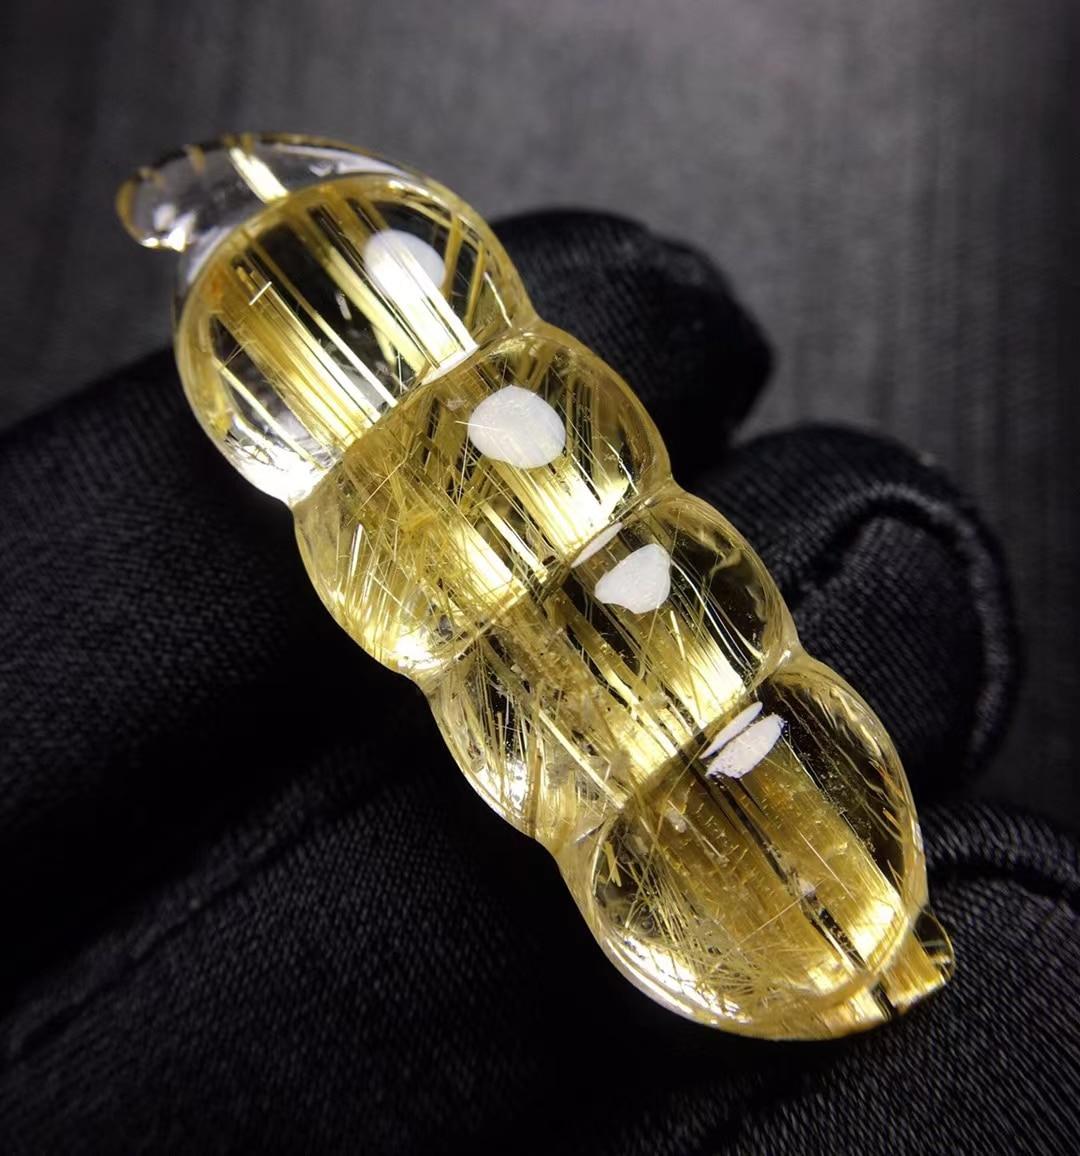 Top Natural Gold Rutilated Quartz Pendant Bean Brazil 38.3*13*9.5mm Wealthy Women Men Women Jewelry 18K Gold AAAAAA